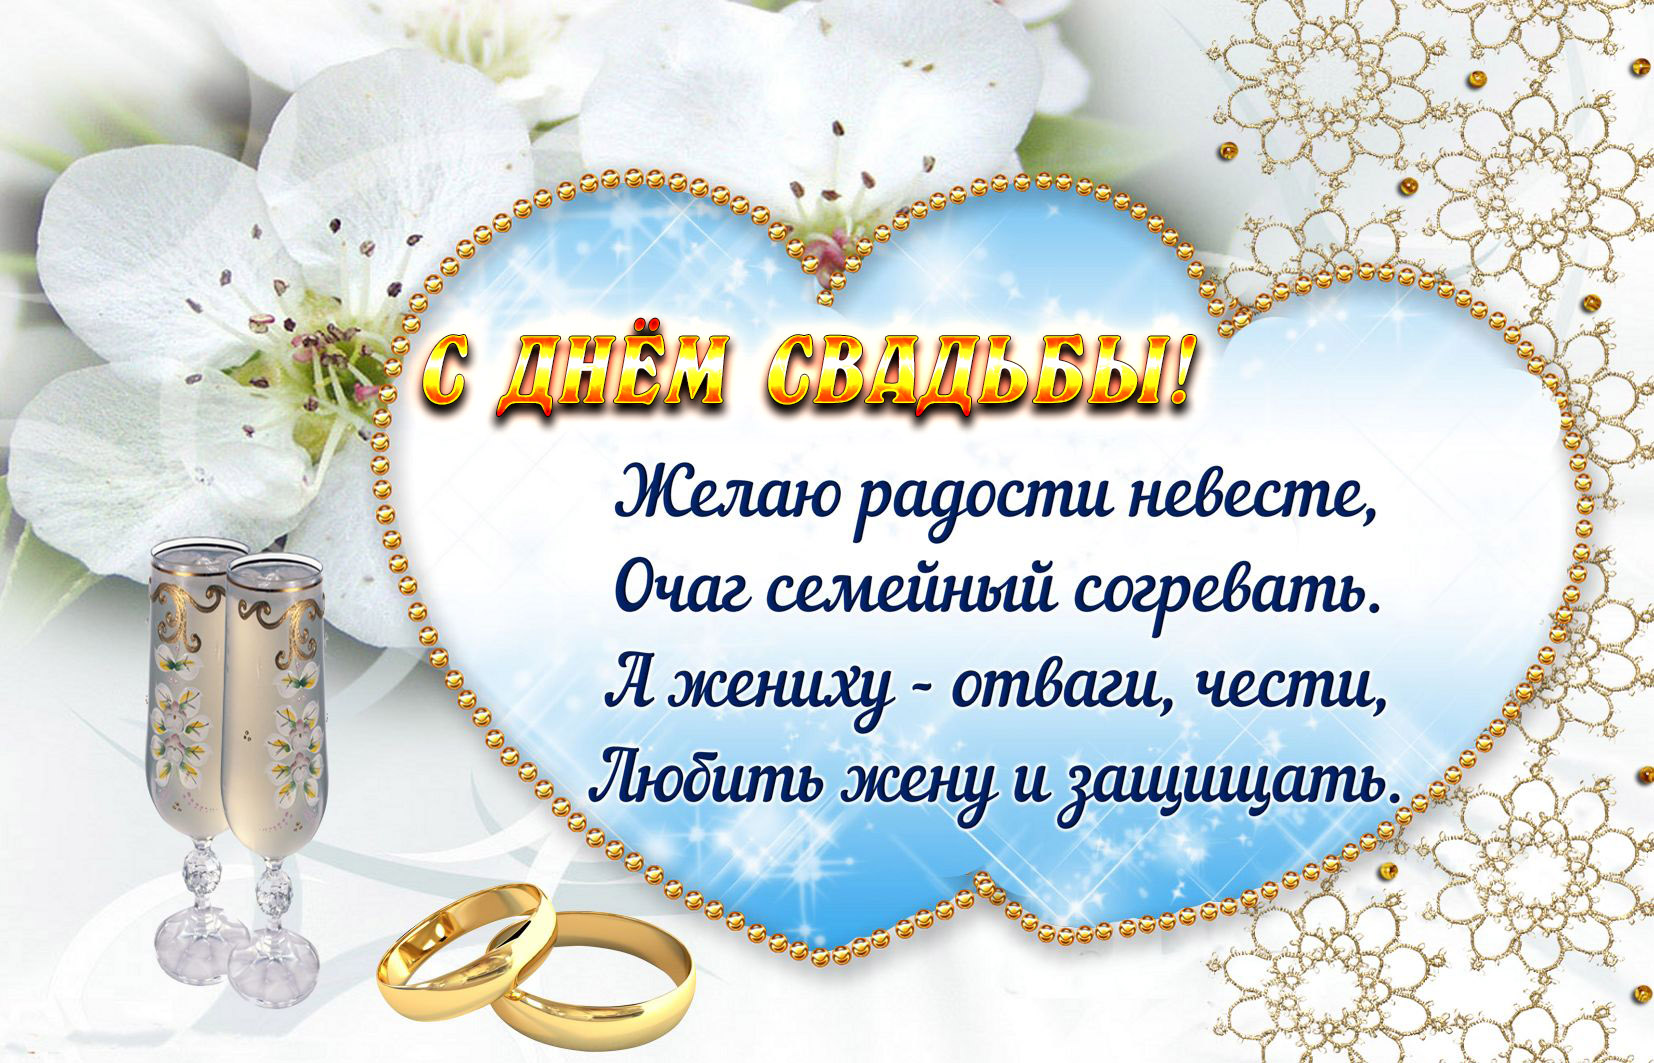 Поздравление внучке в день свадьбы в прозе